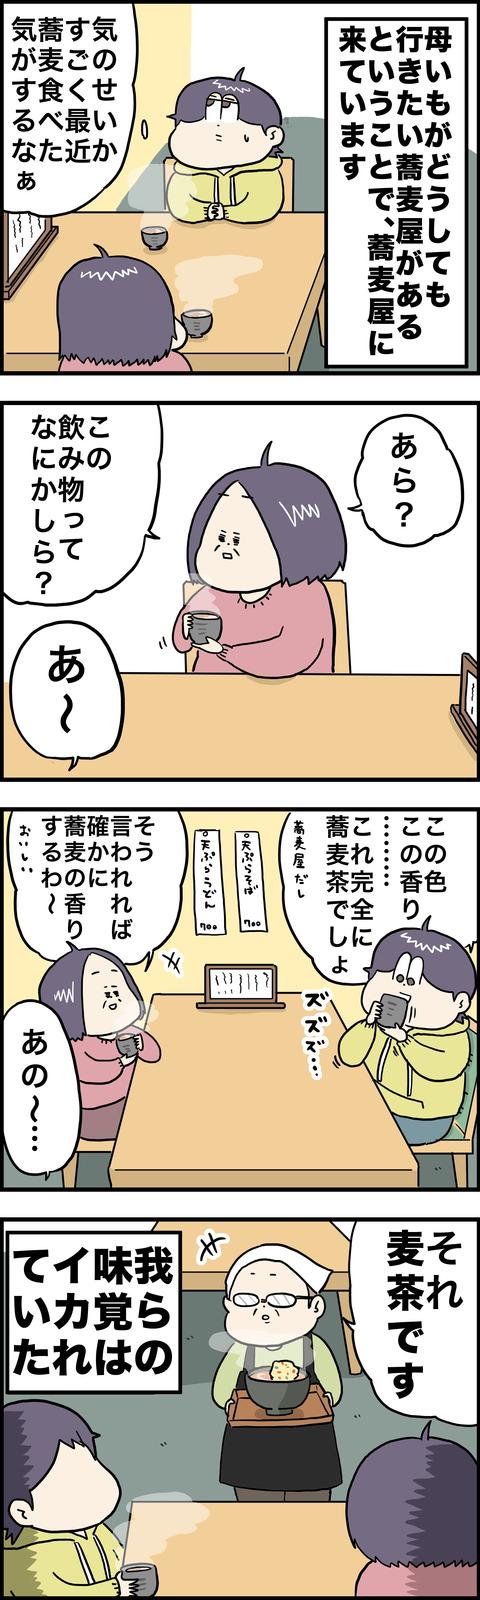 4コマ そば茶